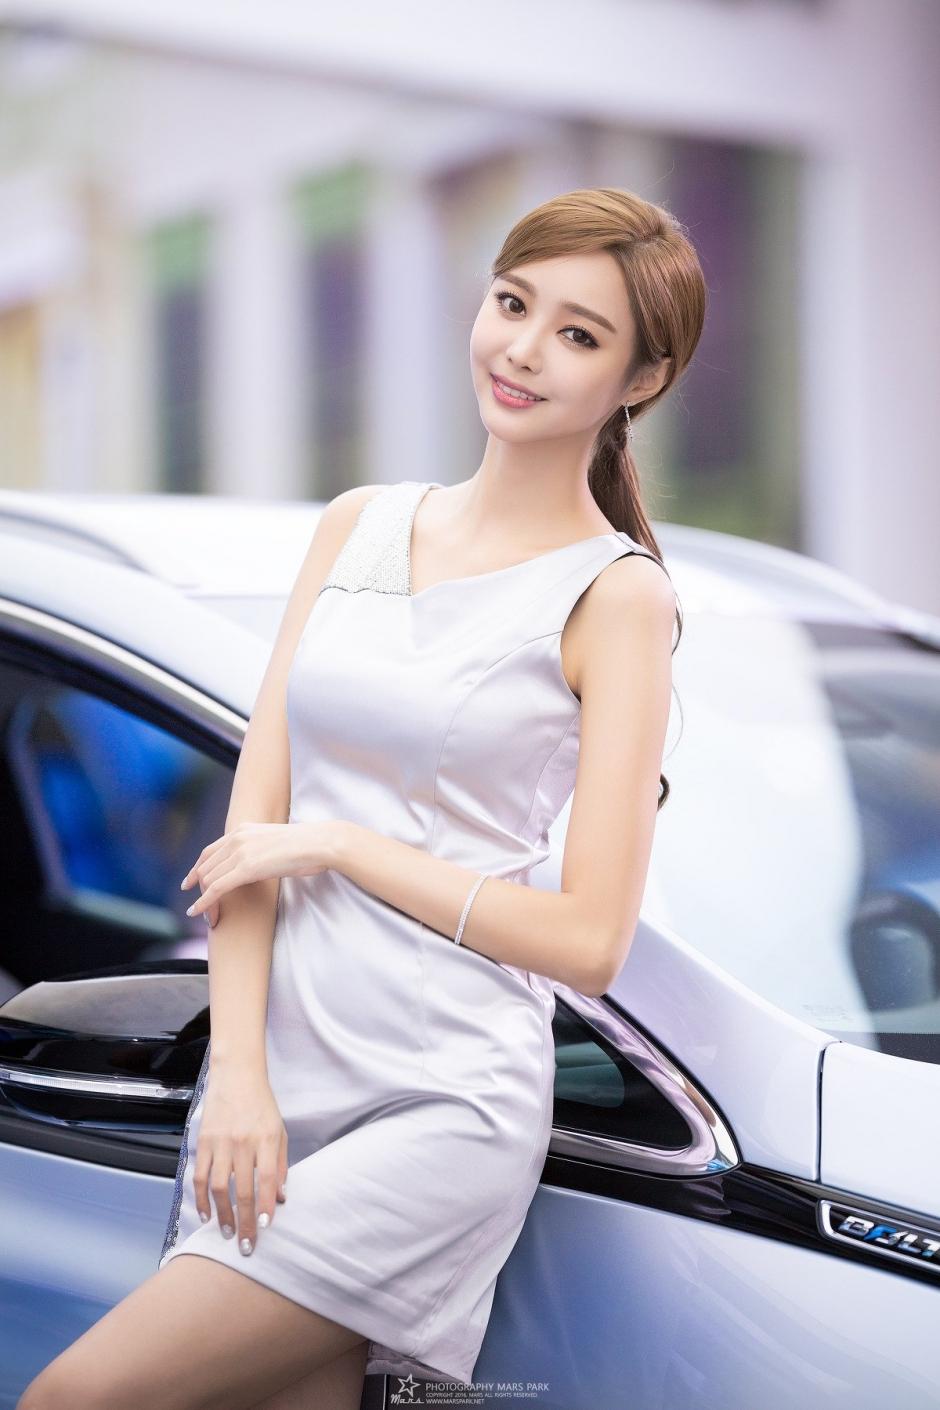 韩国美女车模郑恩惠车展写真气质迷人